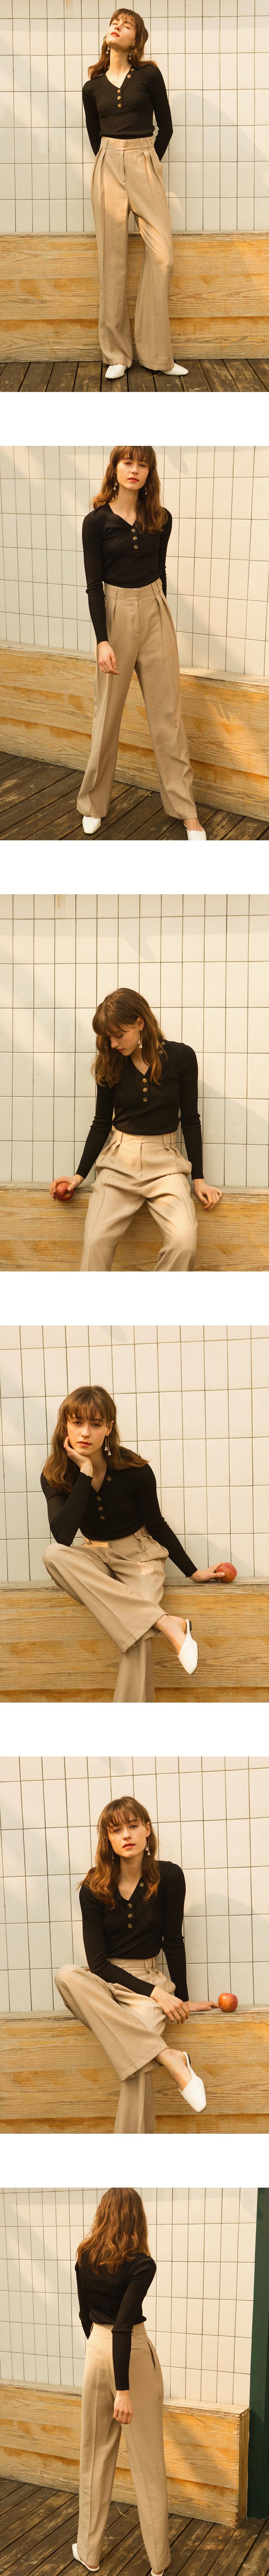 몬츠(MONTS) 903 tuck pants with belt detail (grey-beige)